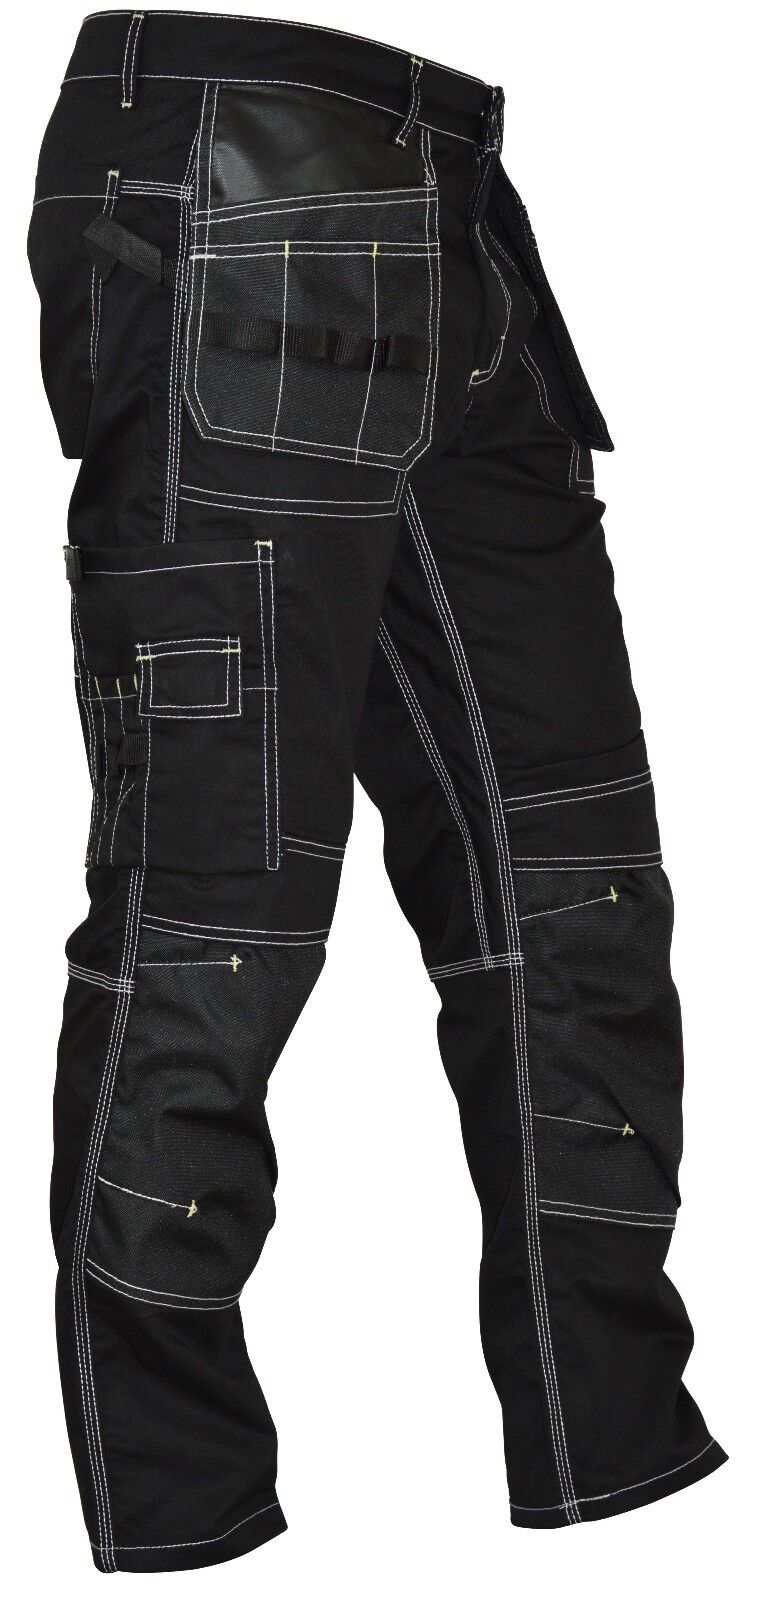 Mens Utility Workwear pants Cordura Knee Reinforcement Work Trousers